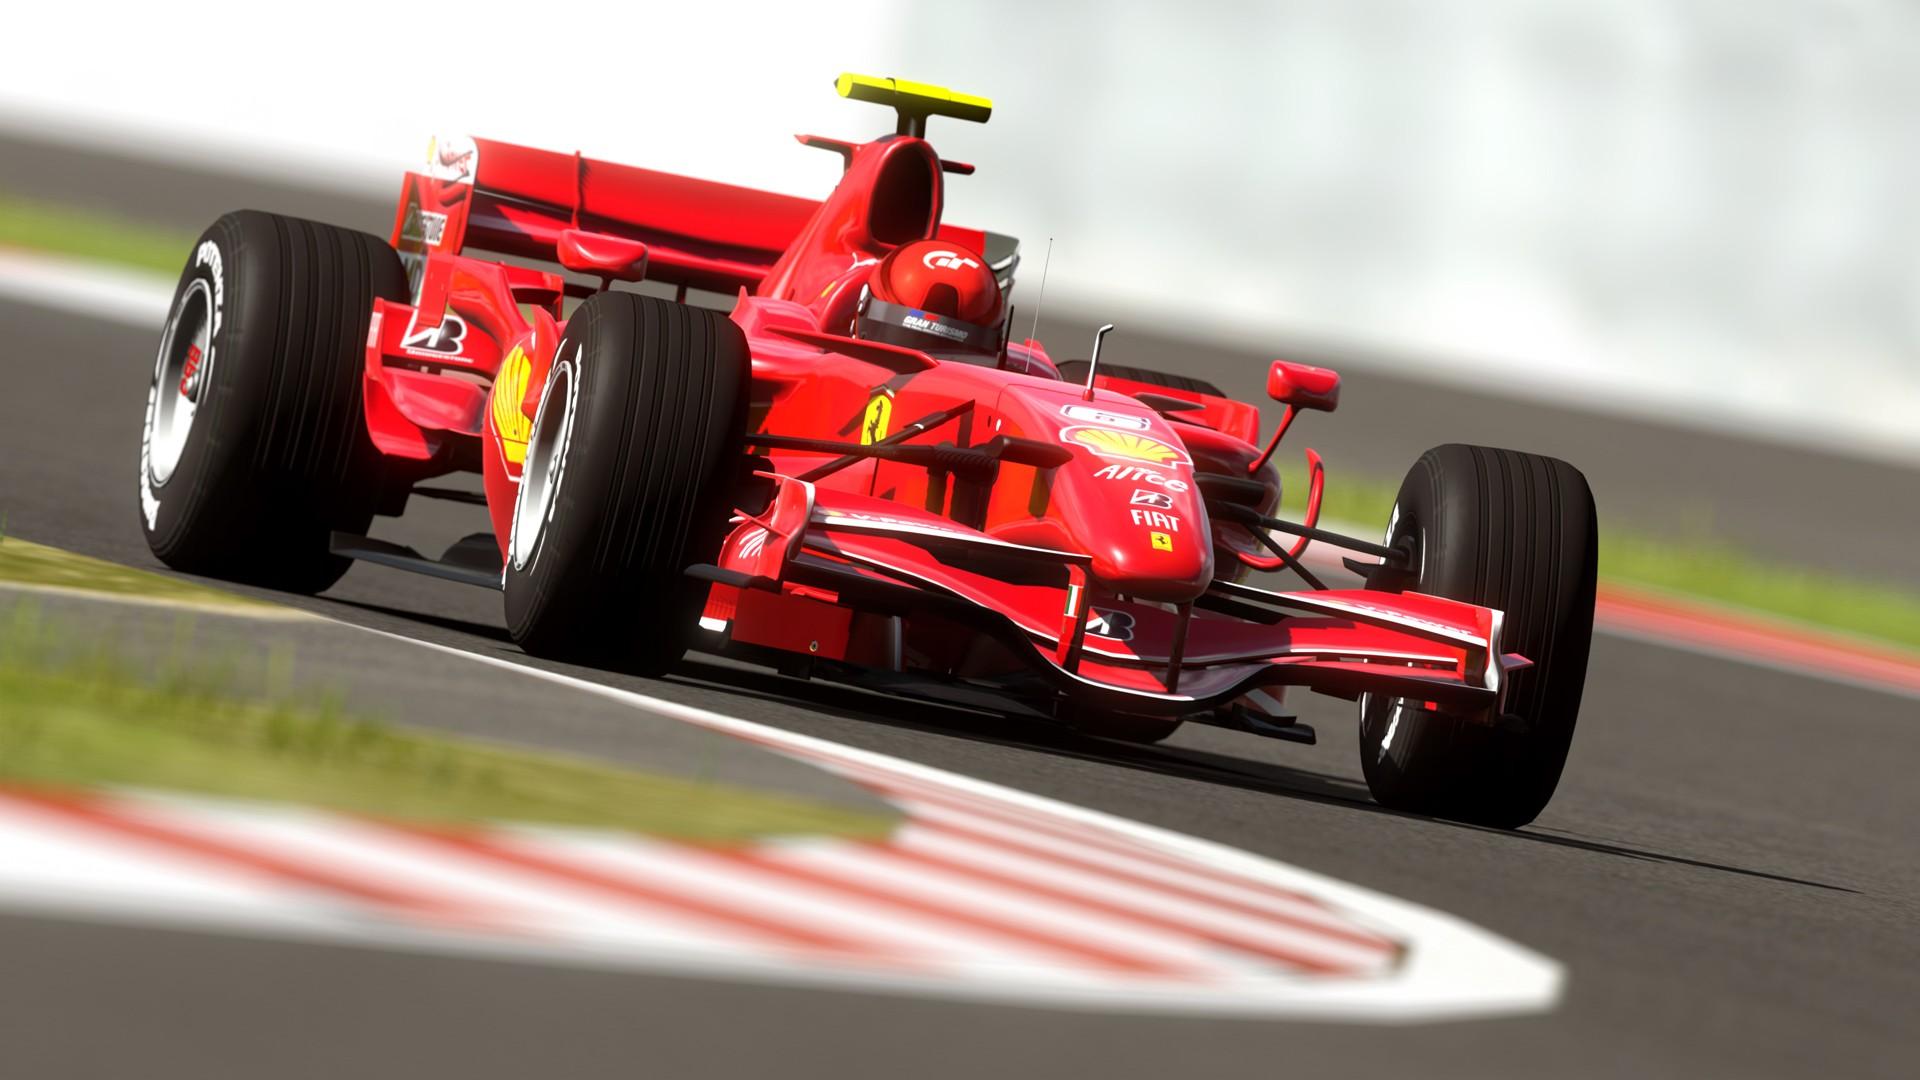 F1赛车_赛车的图片_百度知道